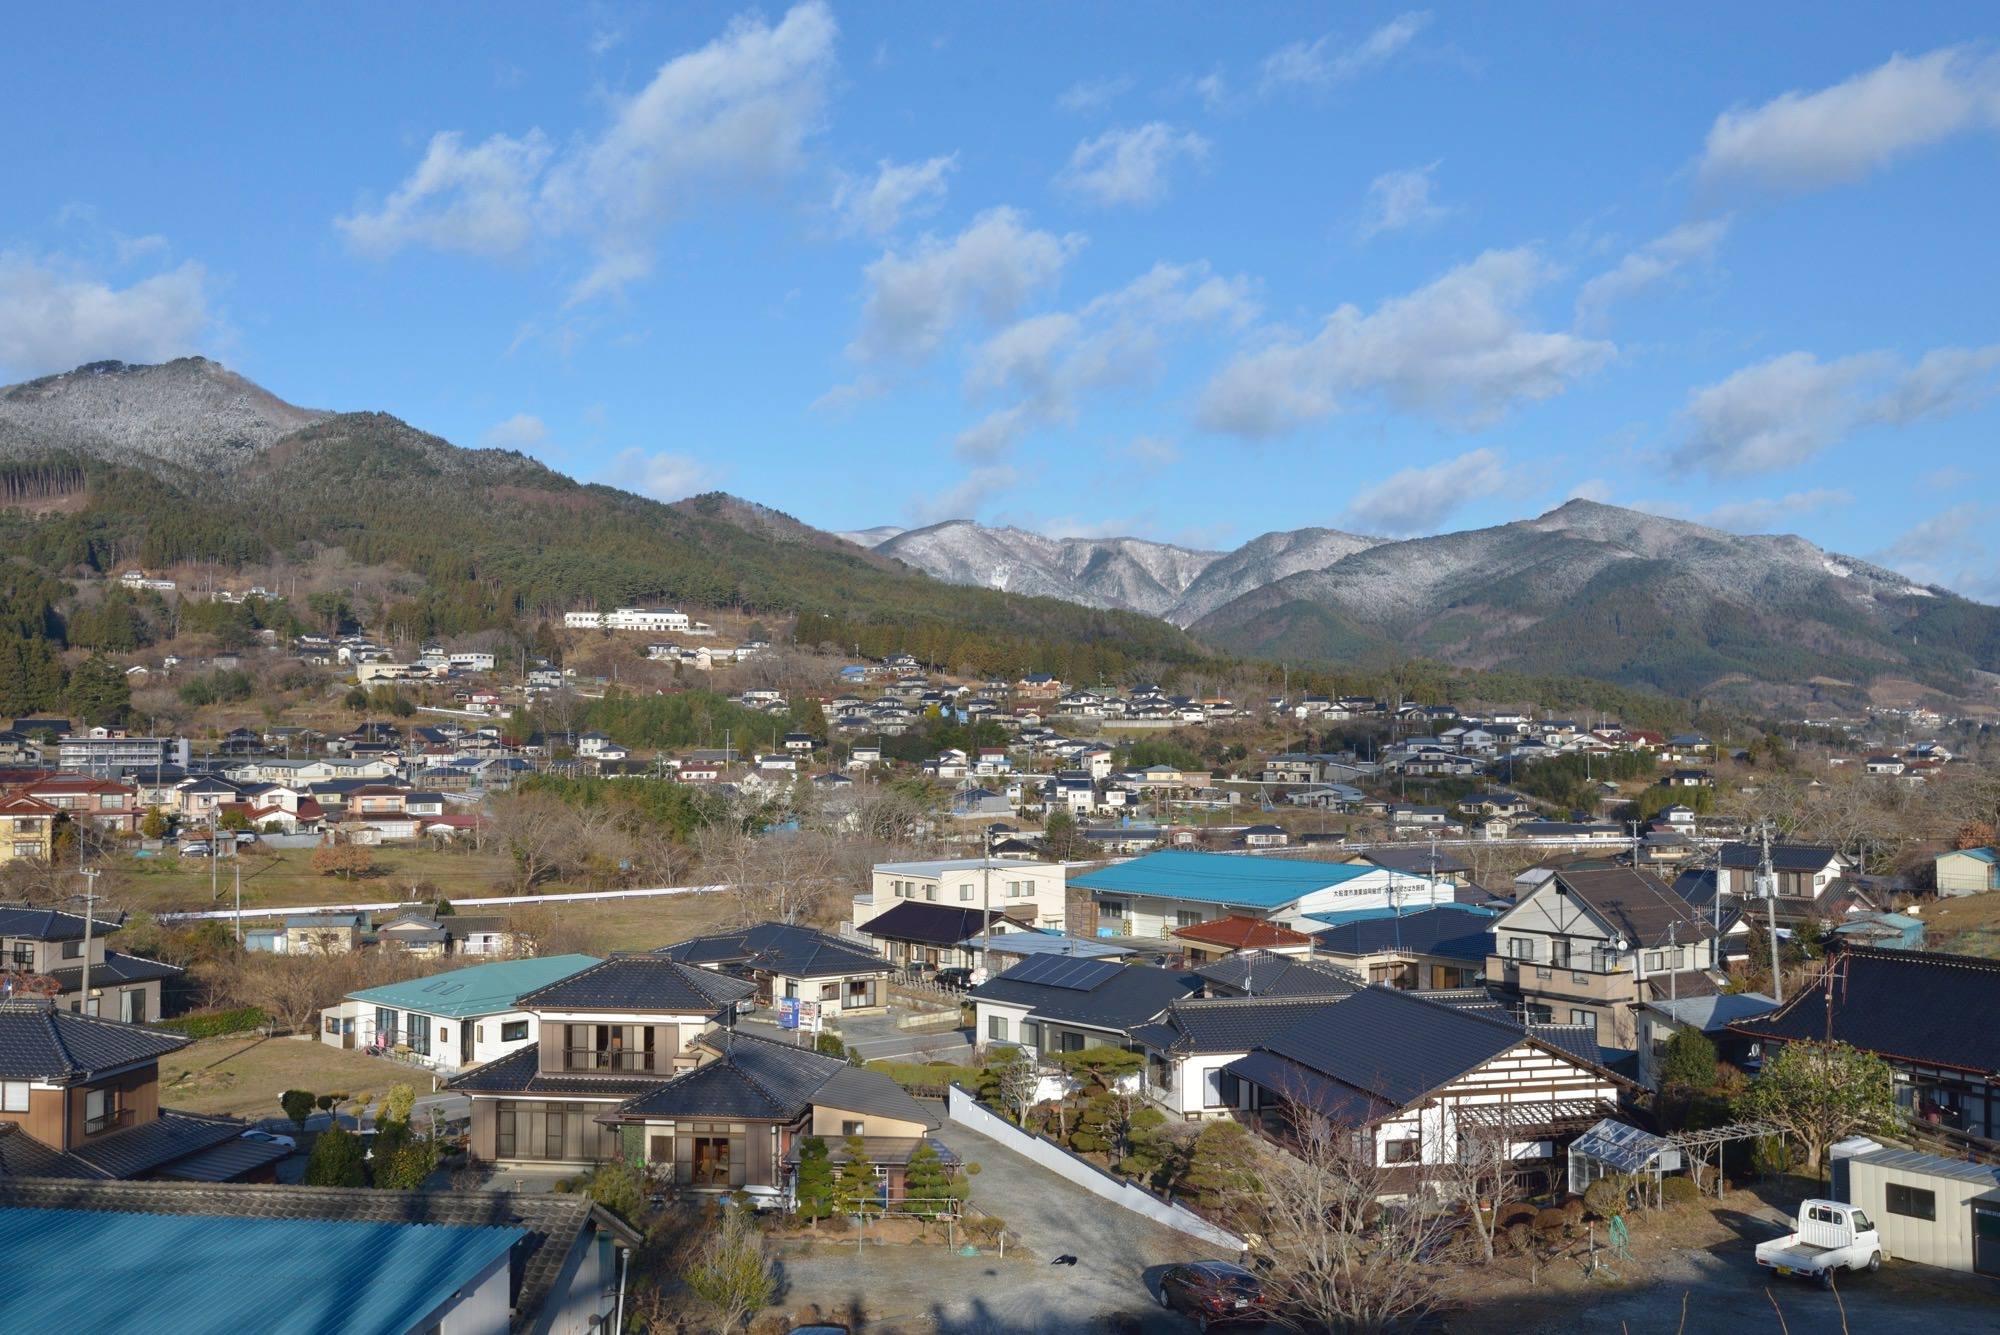 Ofunato, Japan